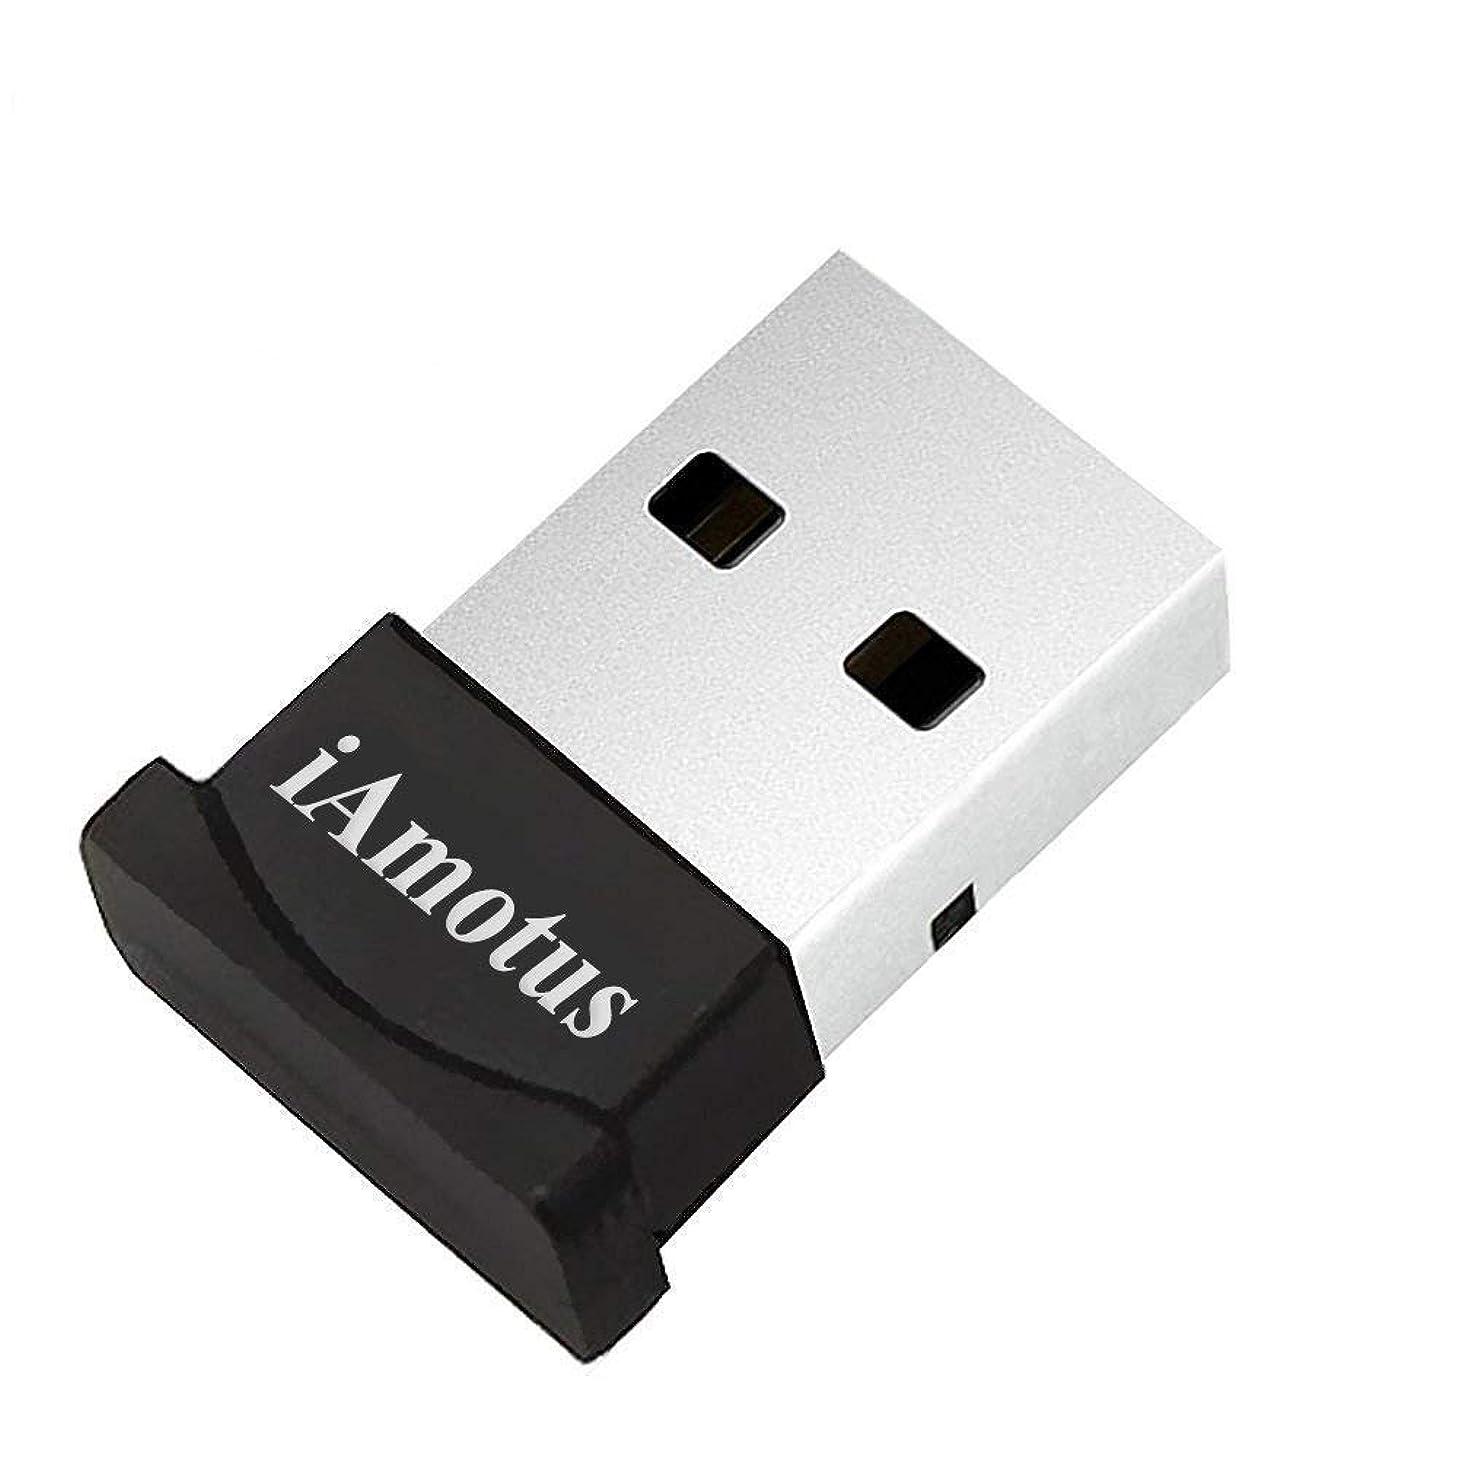 ジーンズ不屈給料QueenDer BluetoothアダプタのCSR4.0低電力プラグアンドプレイブルートゥースUSBドングル EDRリモートワイヤレスレシーバーステレオヘッドセットノートパソコンのデスクトップと互換性のあるWindows 10、8.1、8、7、XP、Vista